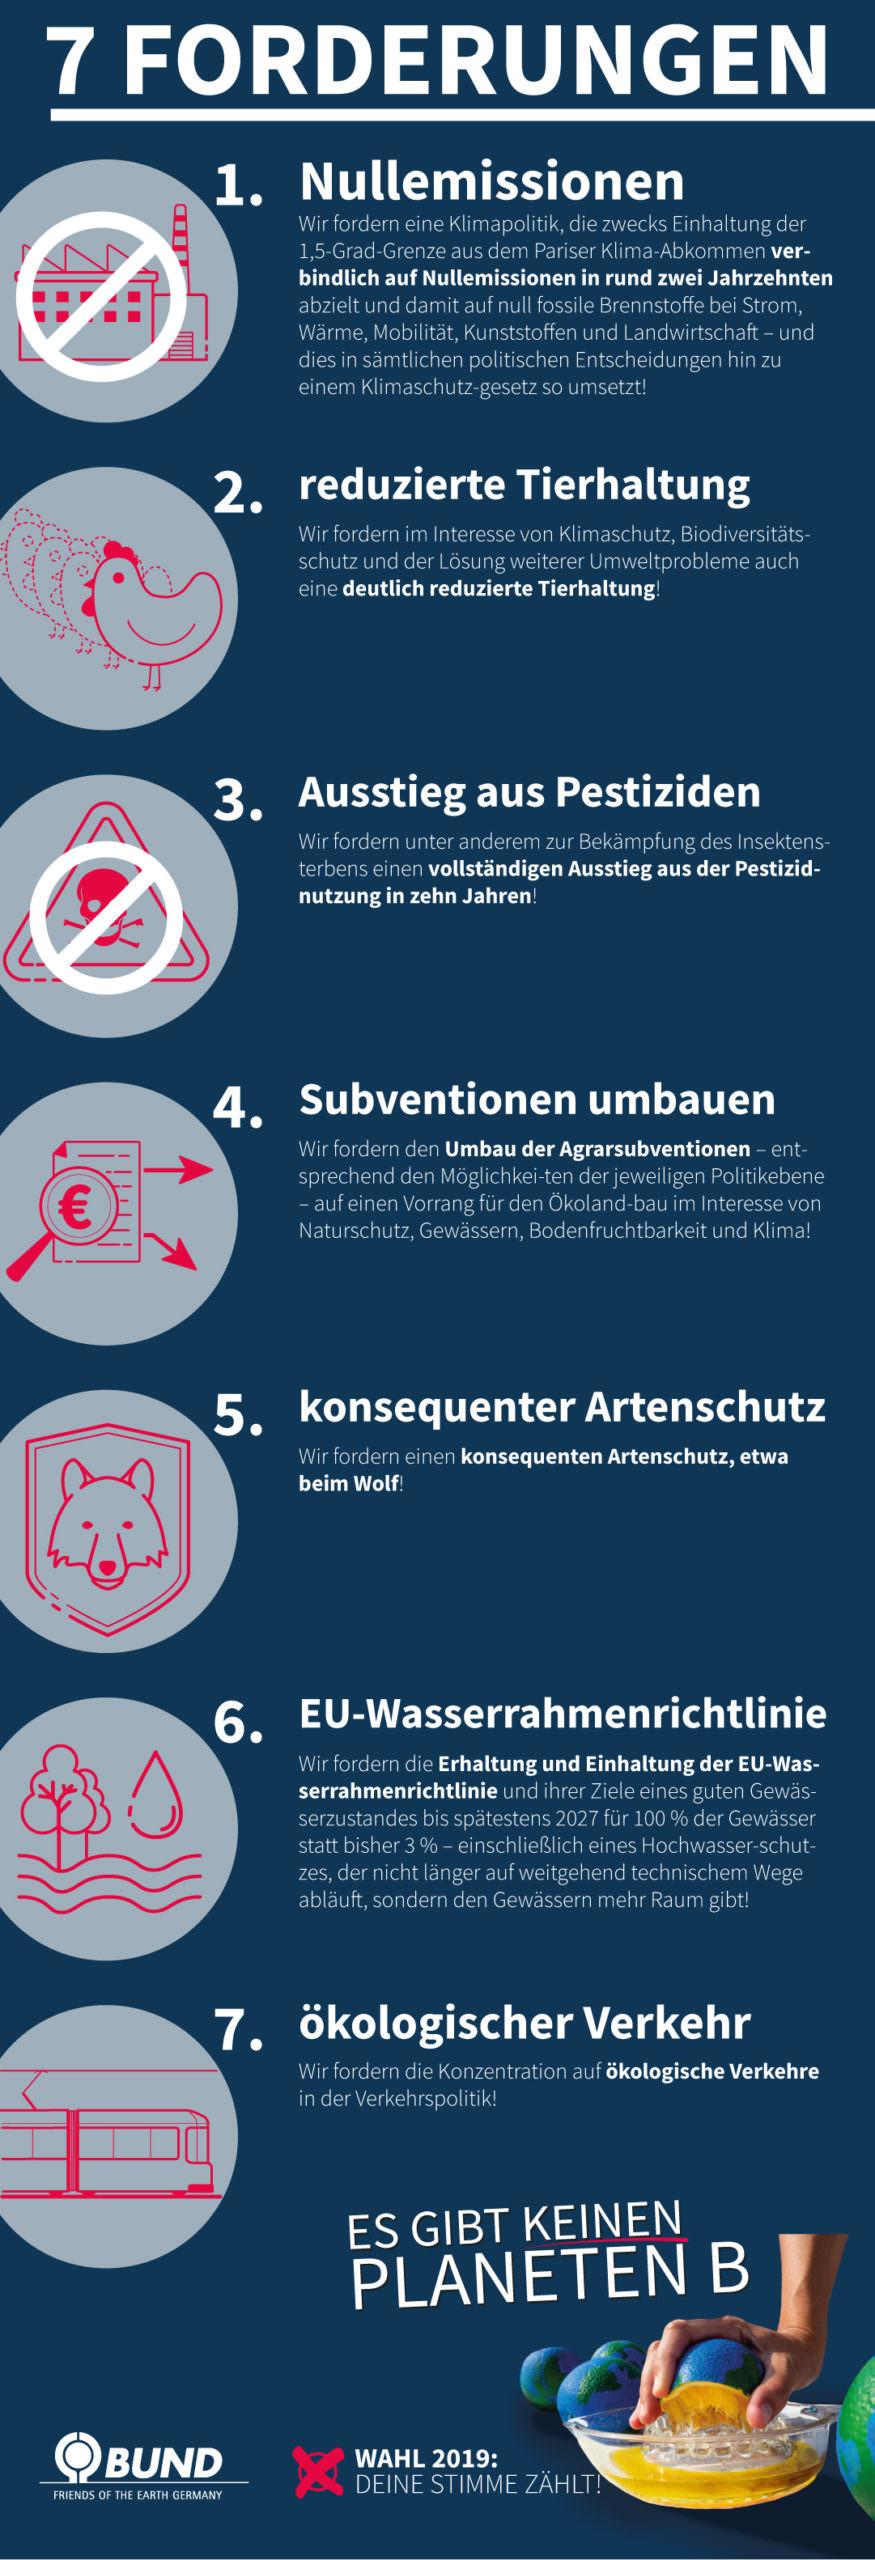 7 Forderungen an die Politik in Sachsen - BUND Sachsen e.V.